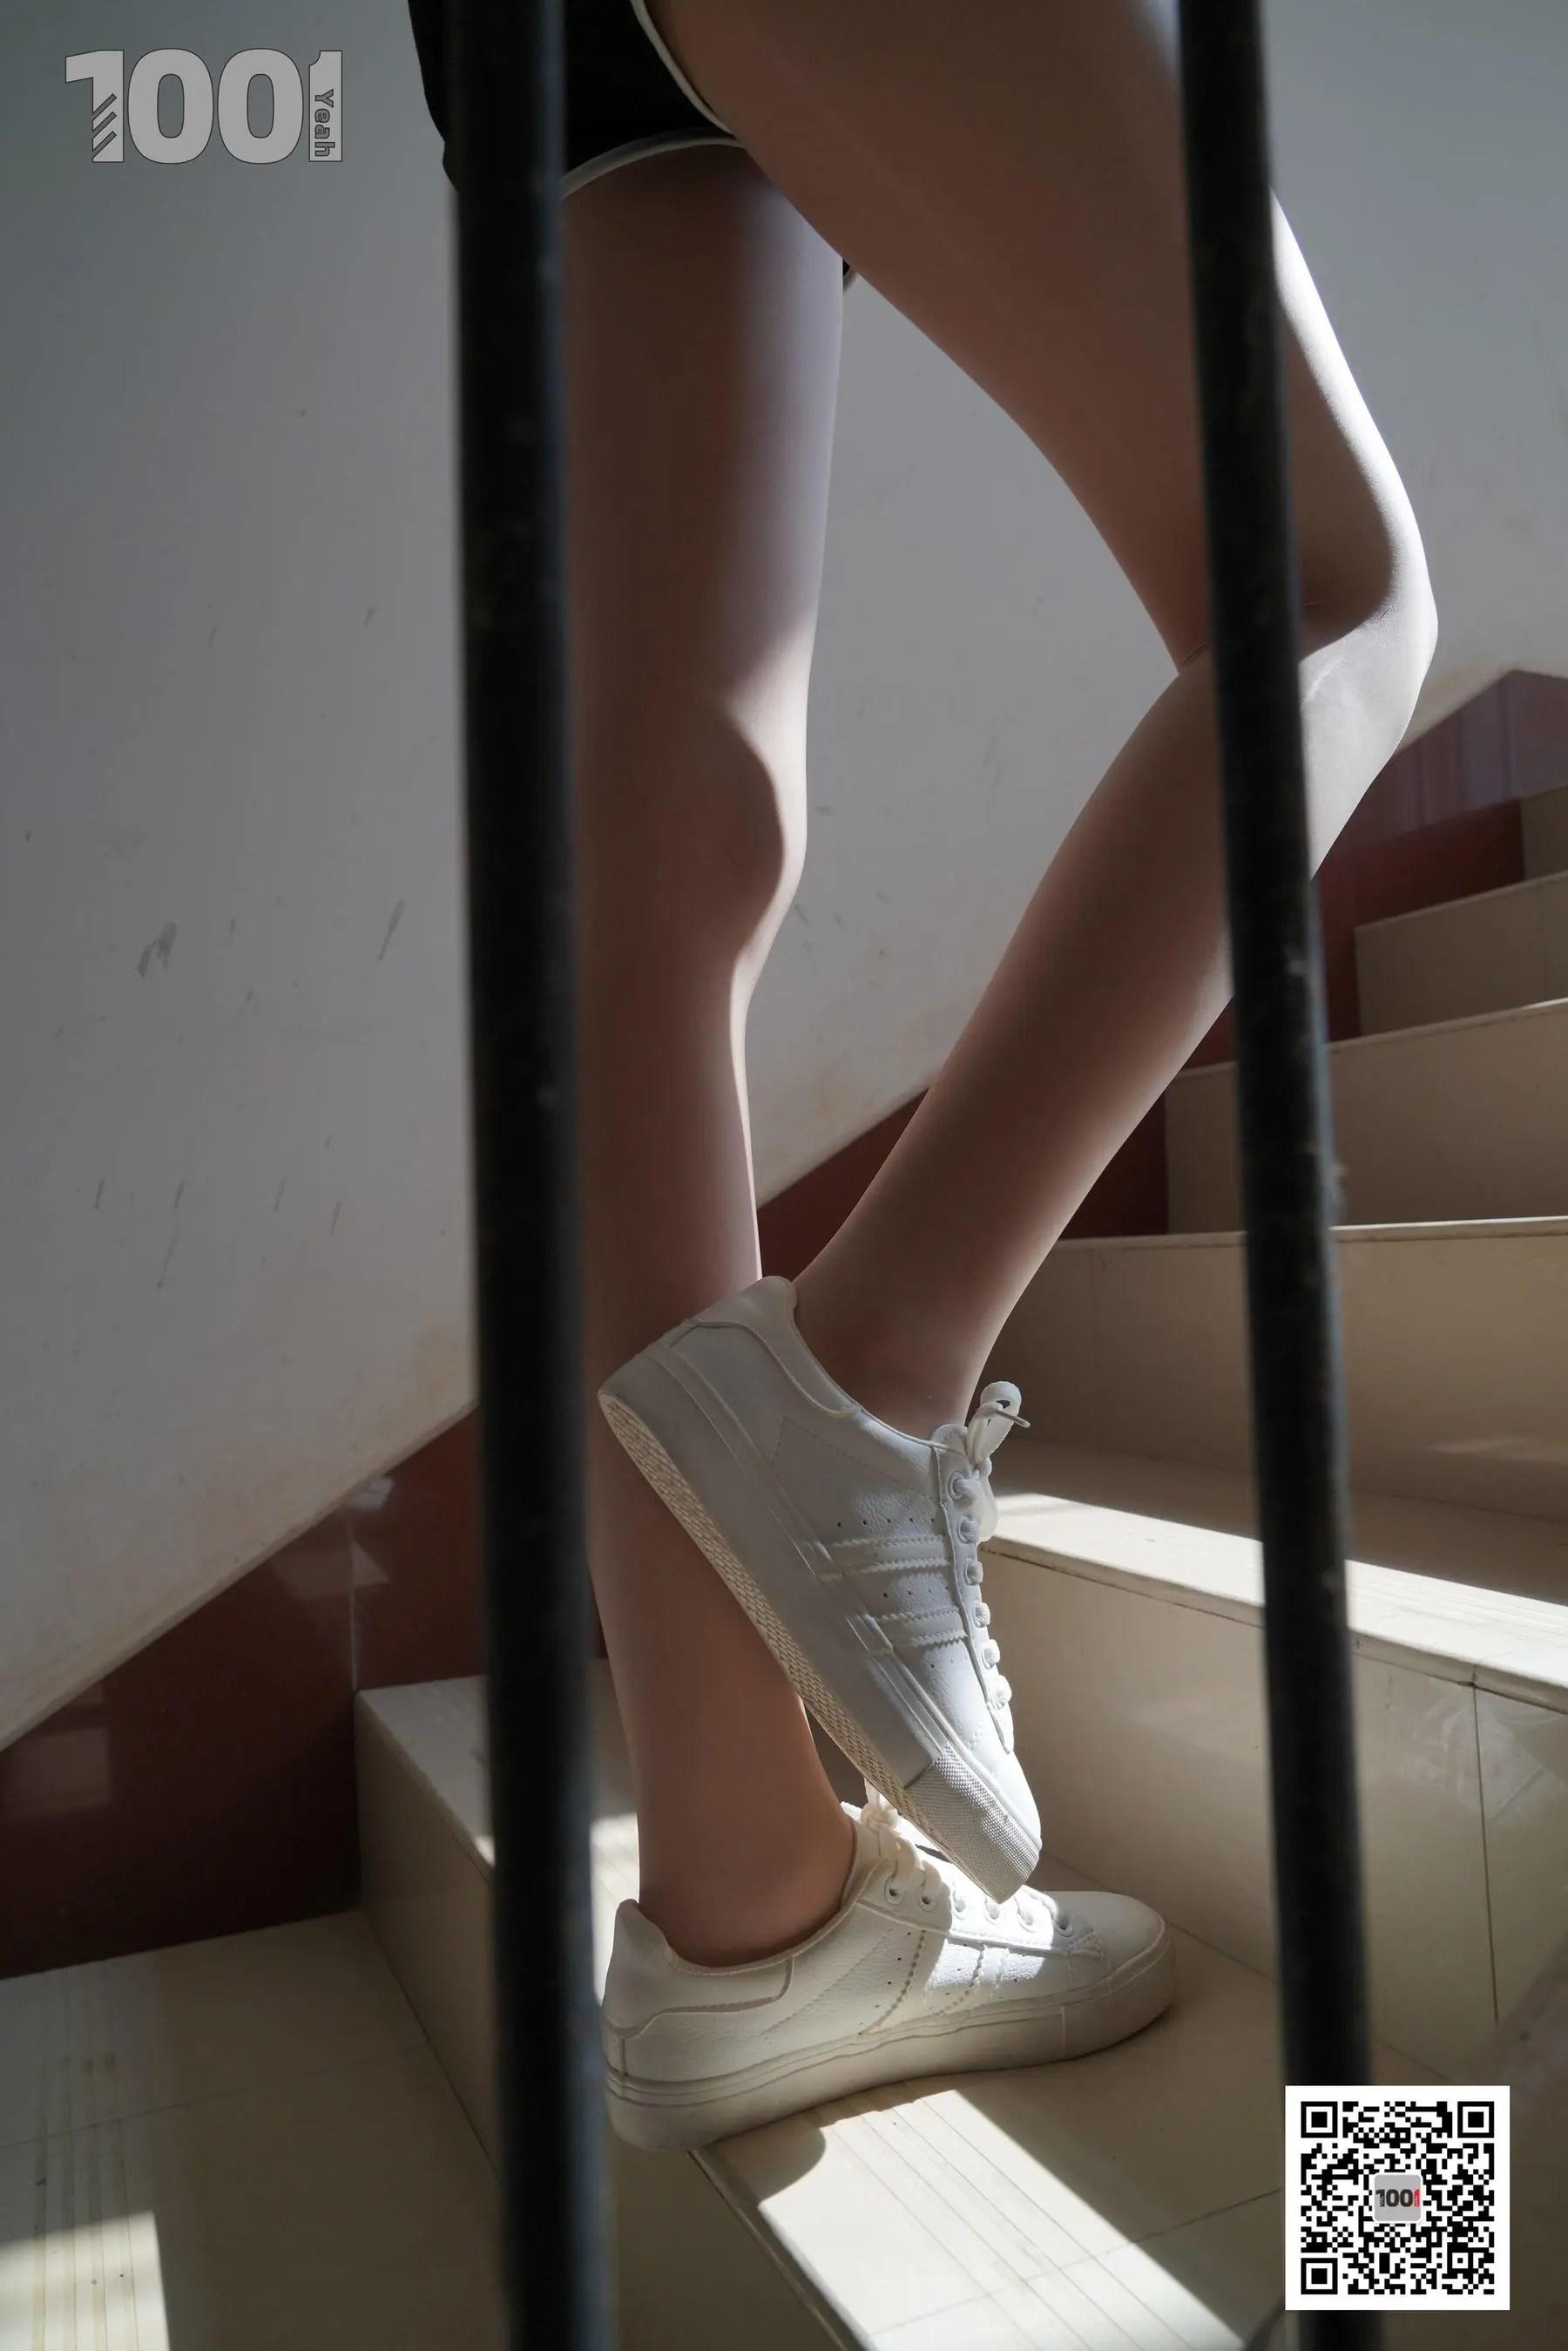 图片[6] - [IESS一千零一夜] 模特:西瓜《拥抱阳光1》 肉丝美腿写真集[97P] - 唯独你没懂